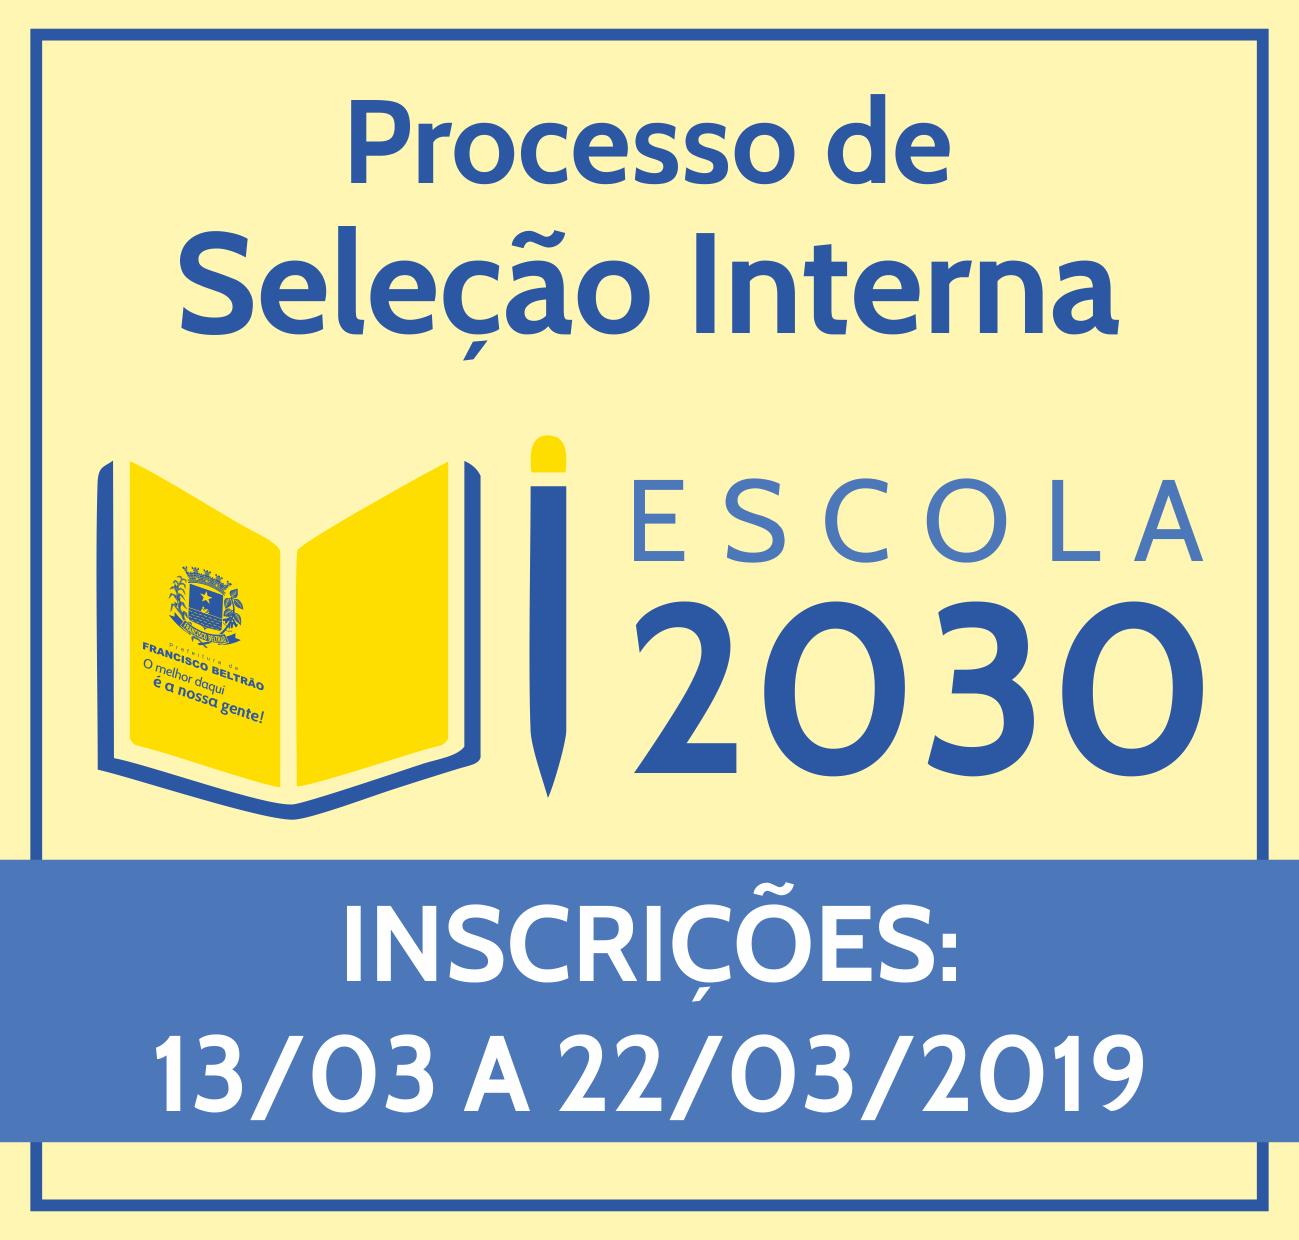 ESCOLA 2030 - PROCESSO DE SELEÇÃO INTERNA